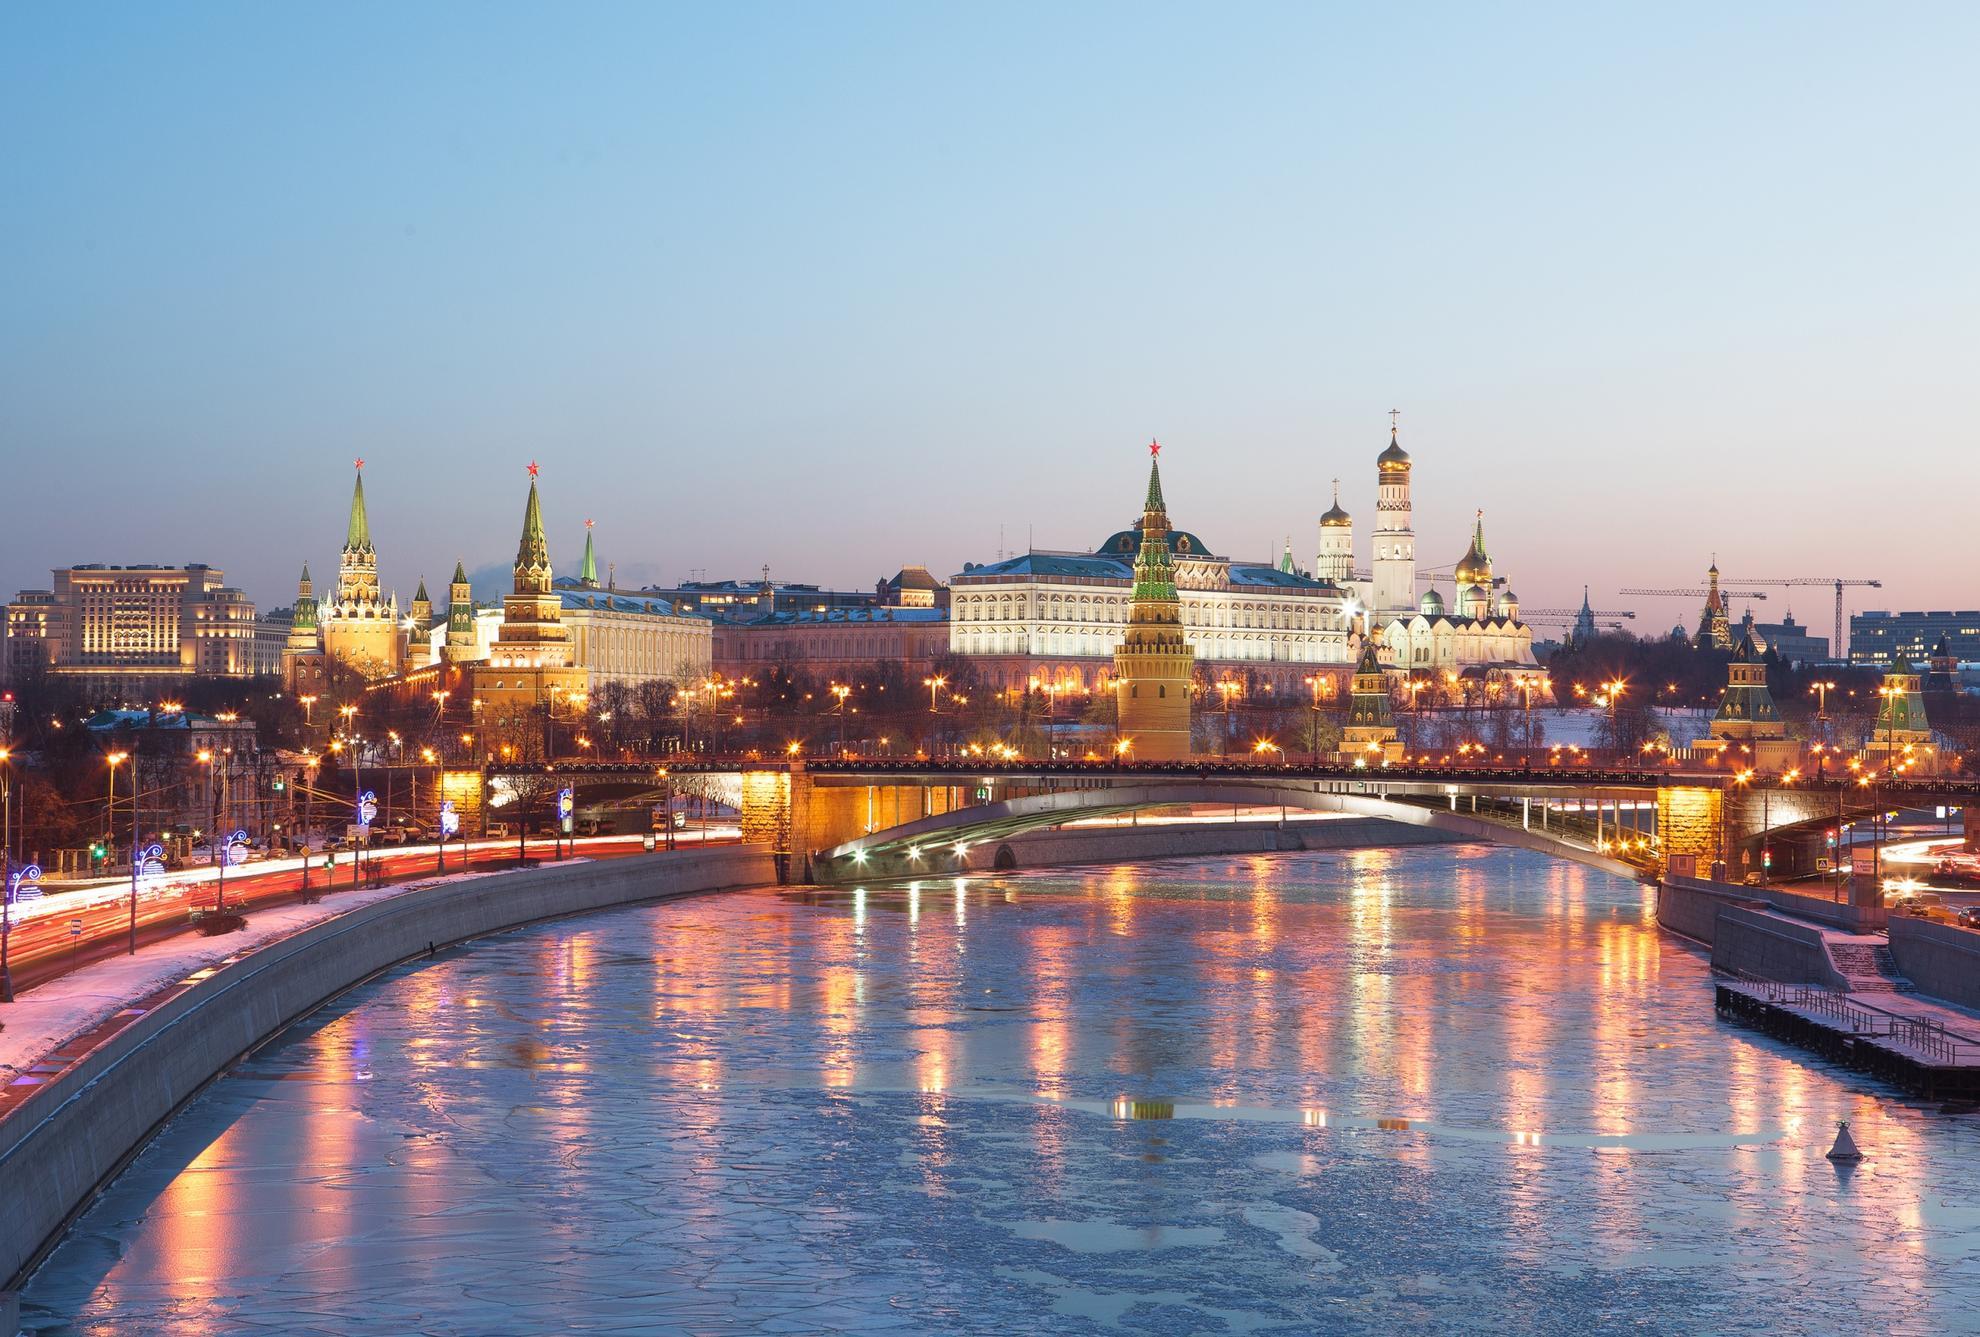 Картинки самых красивых городов россии